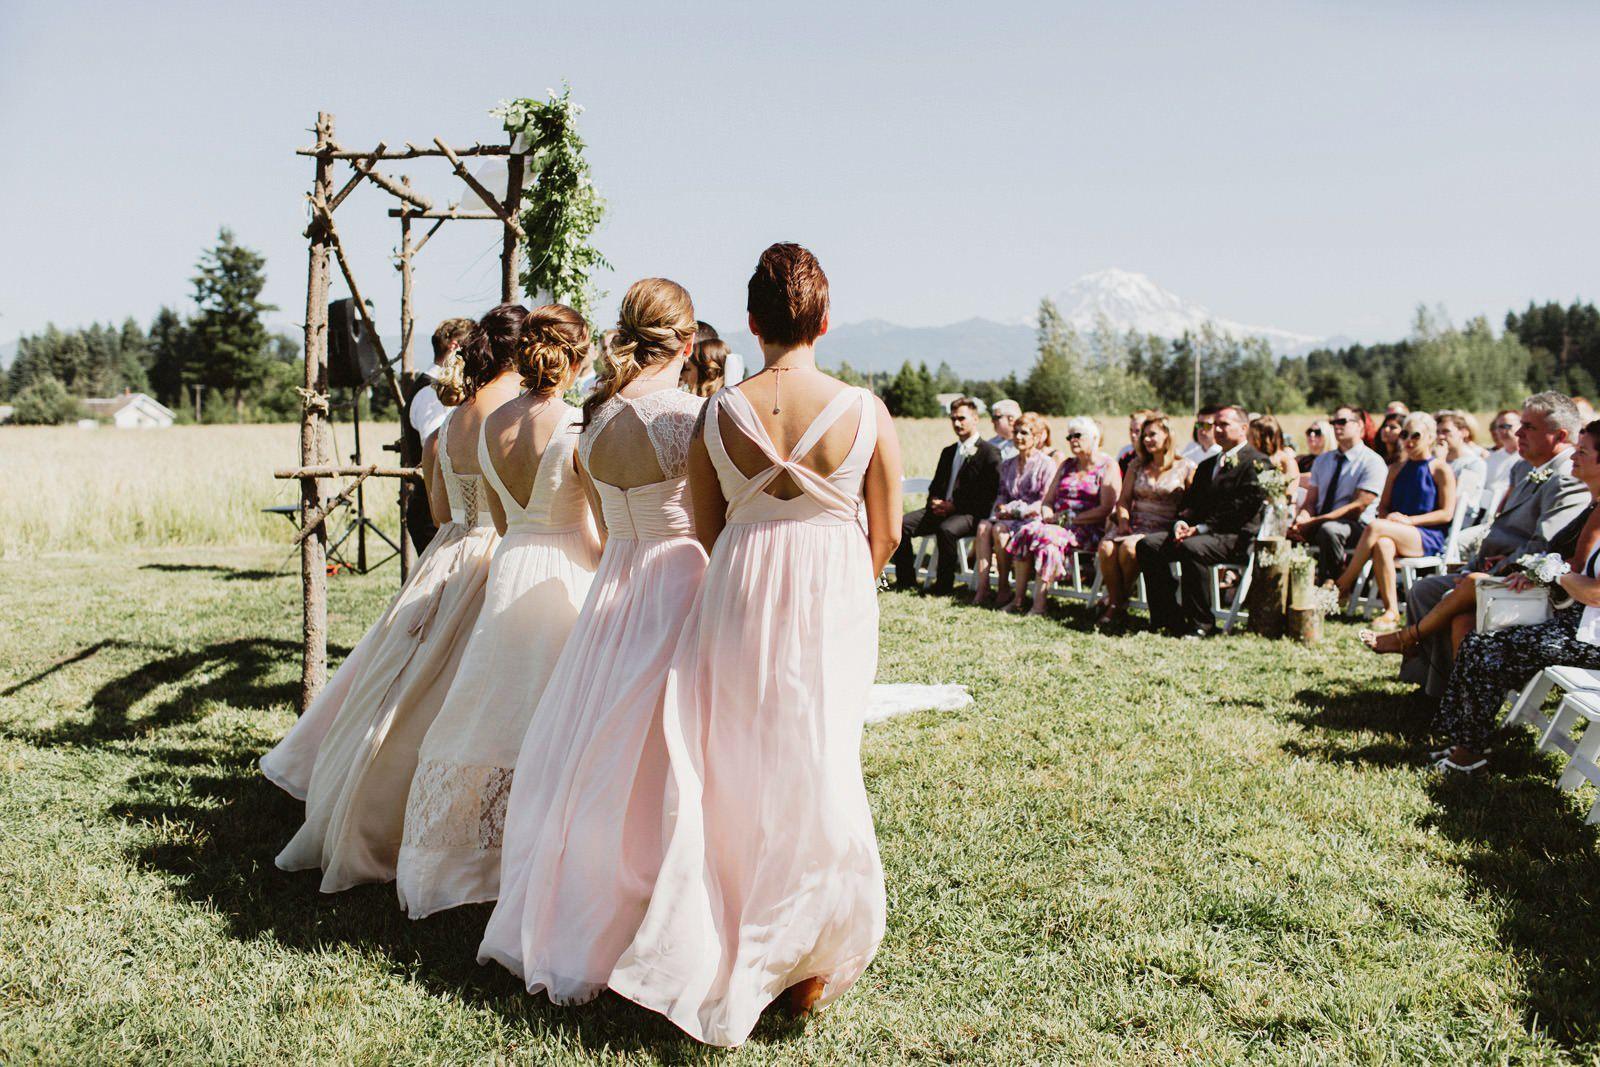 drewtiawna-blog-21 YELLOW BARN WEDDING